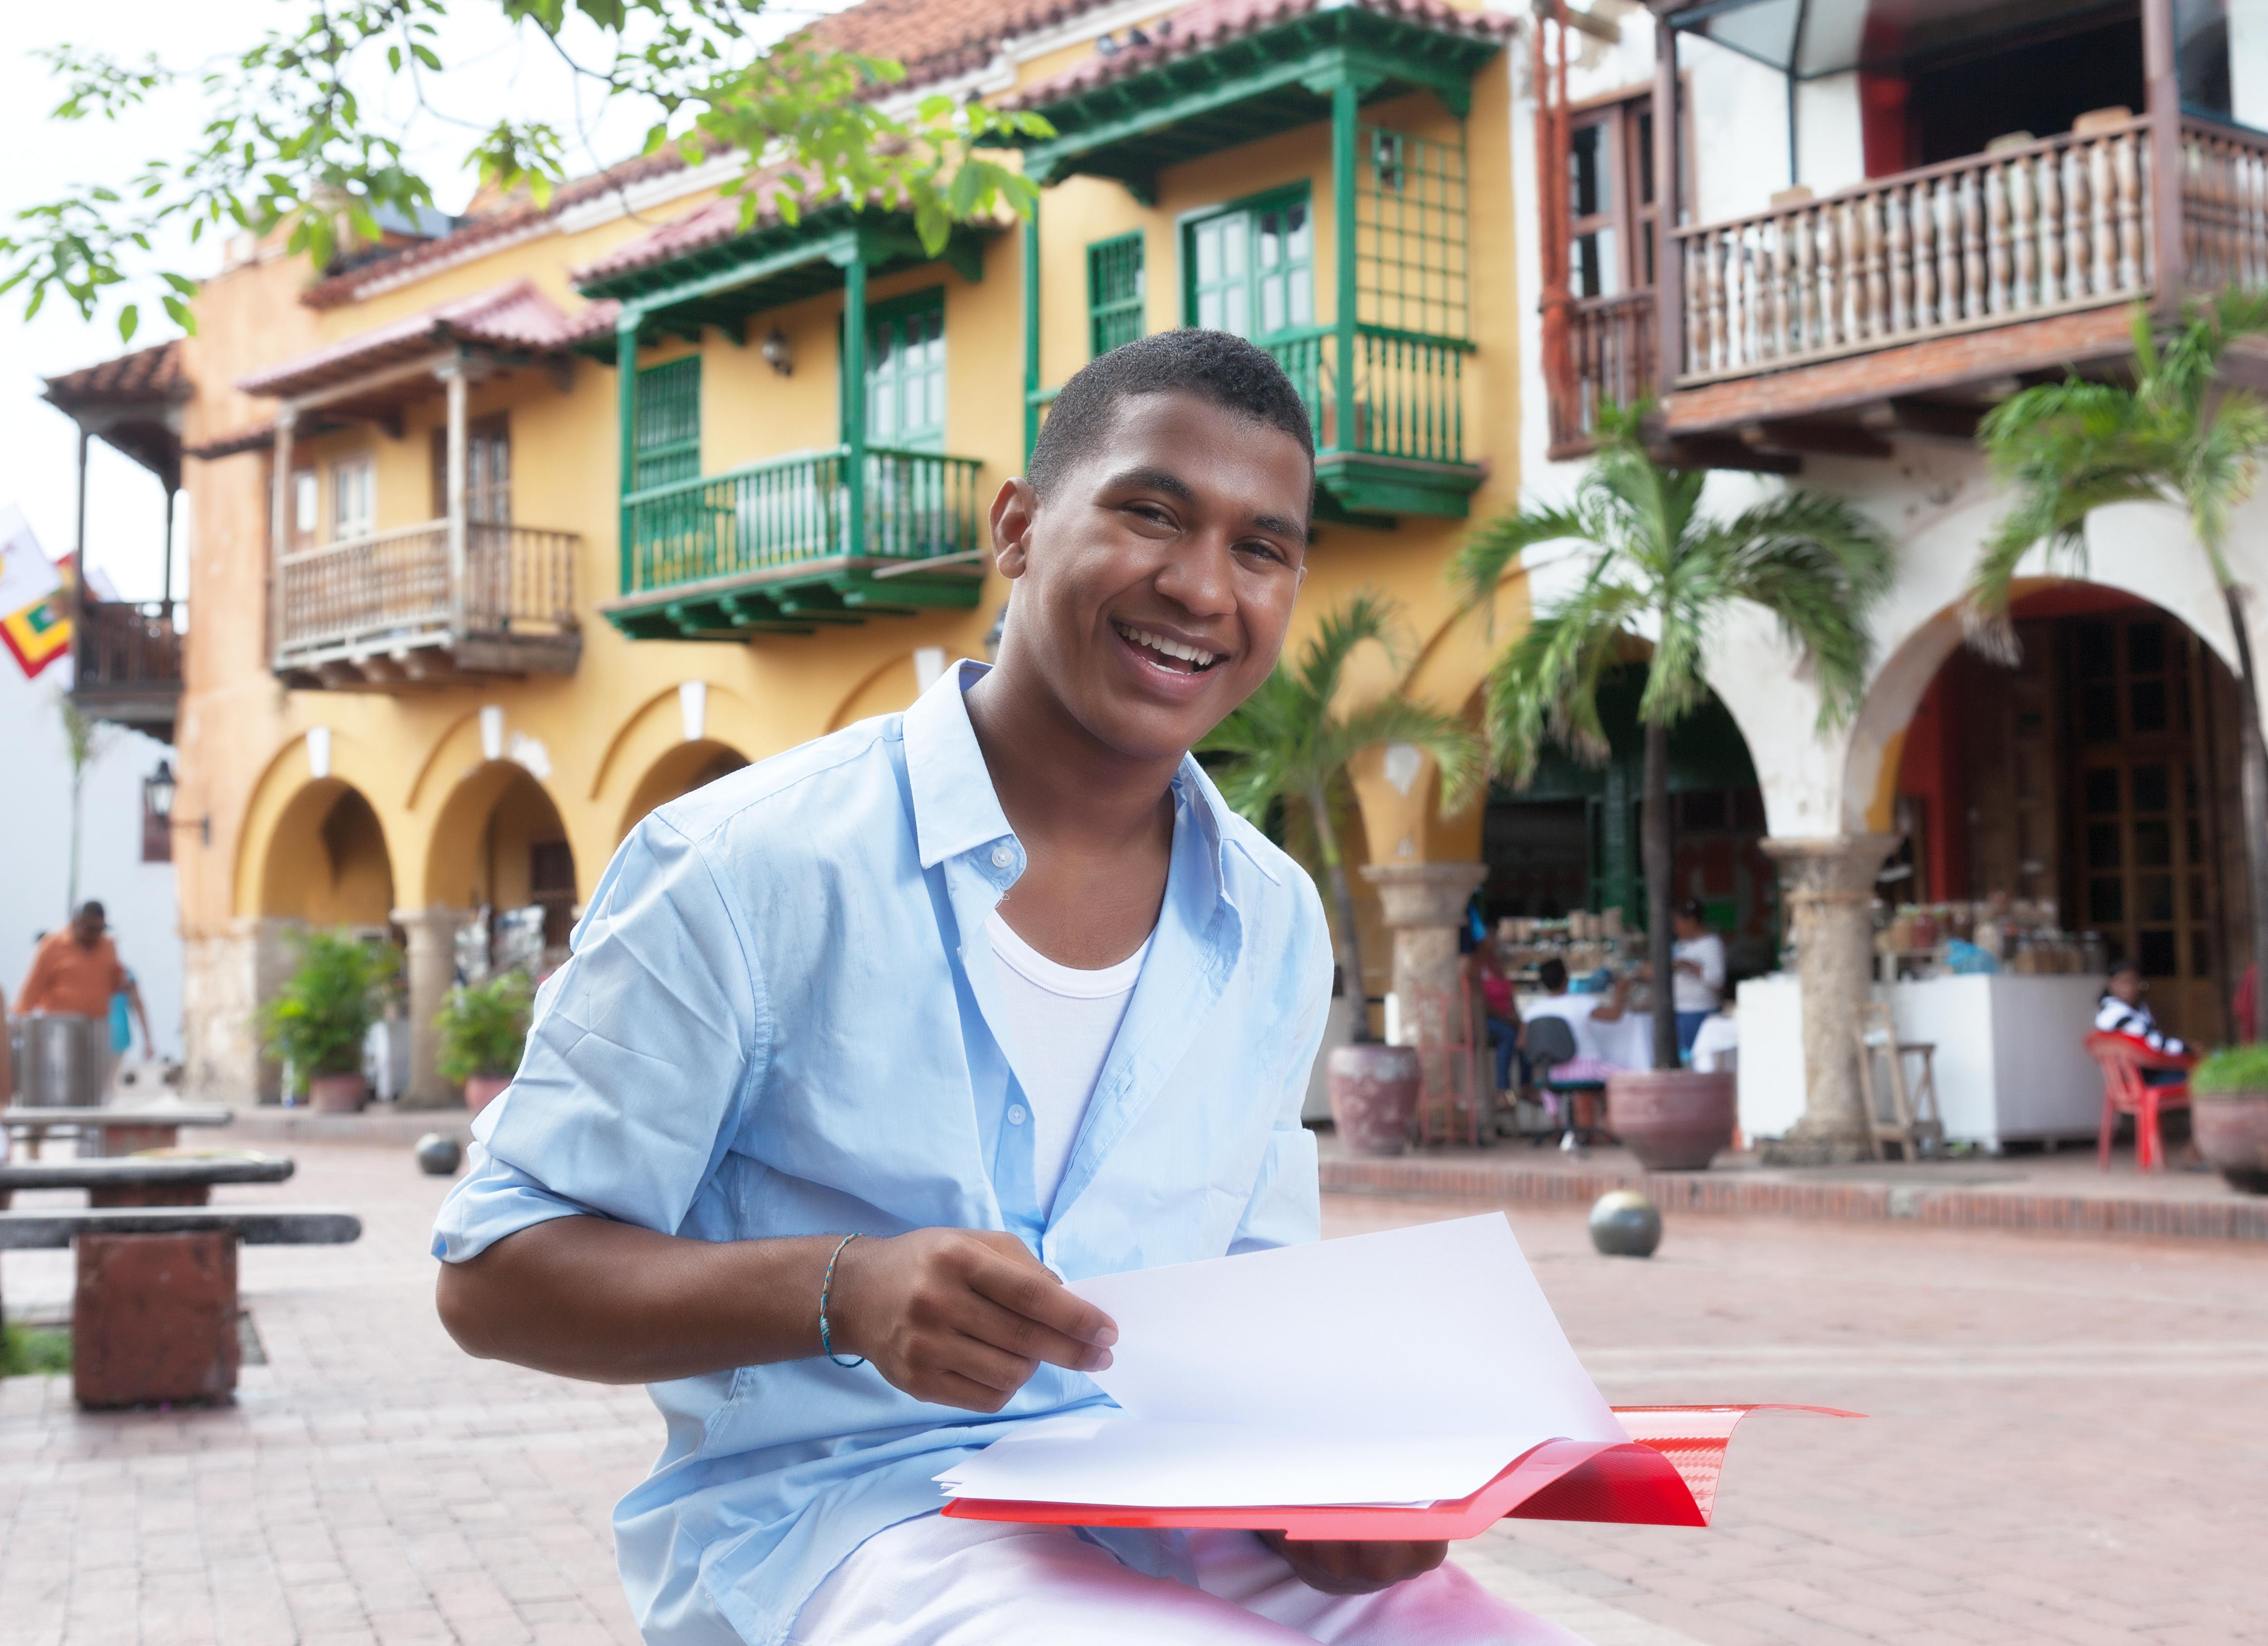 Sympathischer Student aus Sdamerika mit Mappe